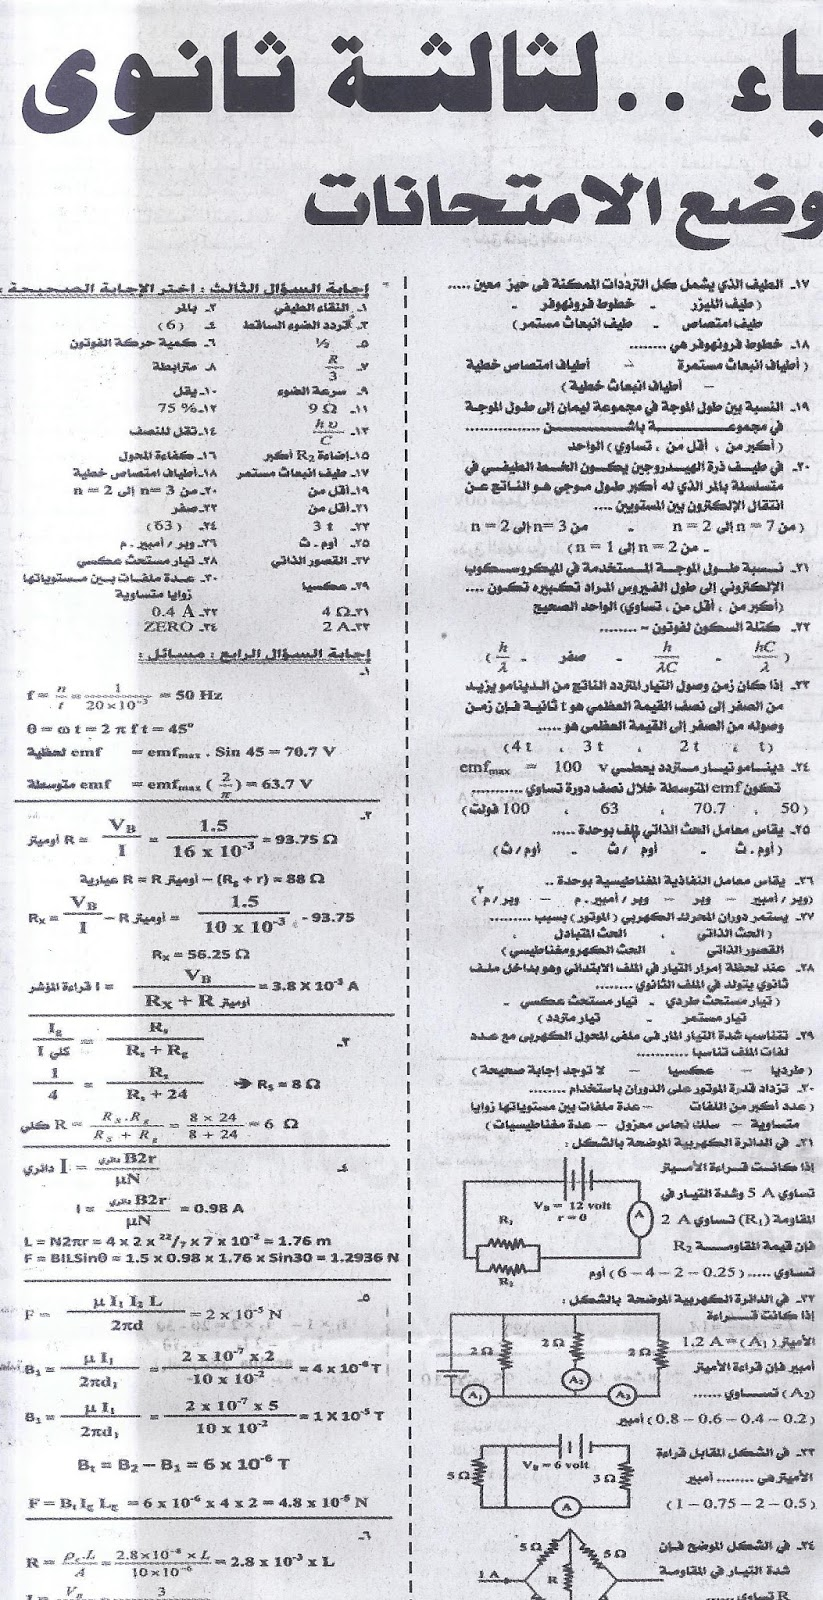 ننشر .. اخر مراجعة لامتحان الفيزياء (عربى ولغات) للثانوية العامة 2016  3